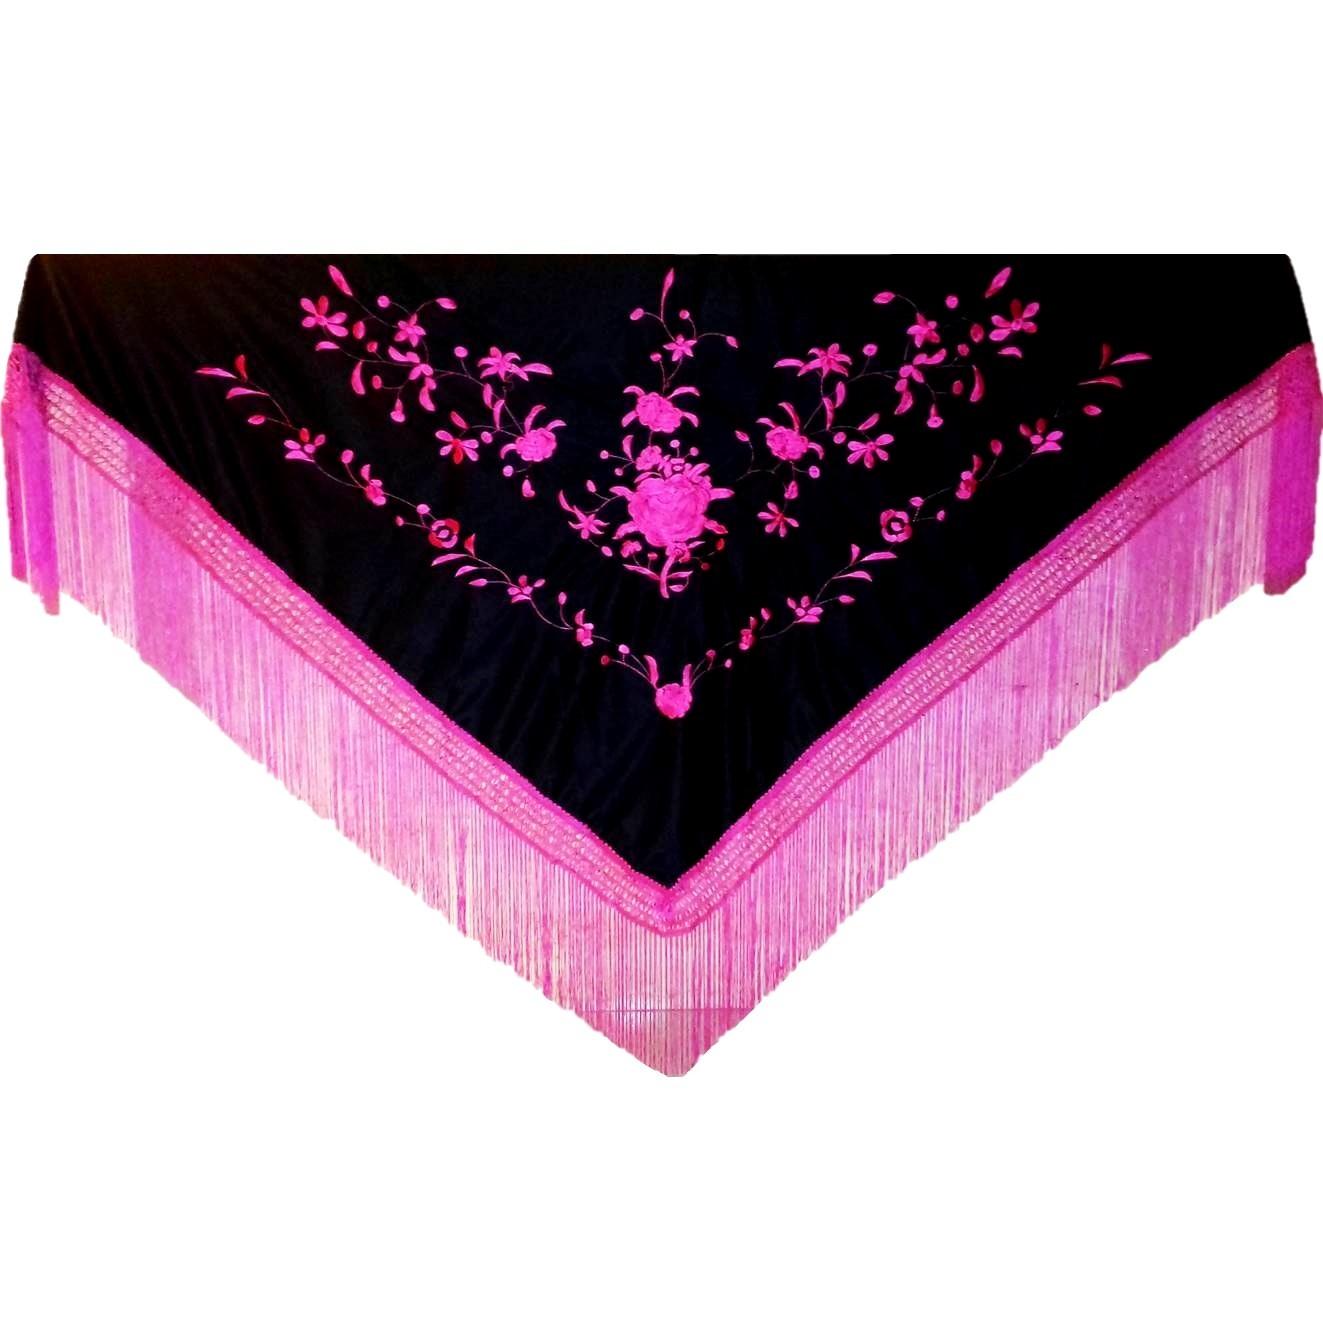 XALE ESPANHOL bordado 170x75 preto pink flamenco cigano